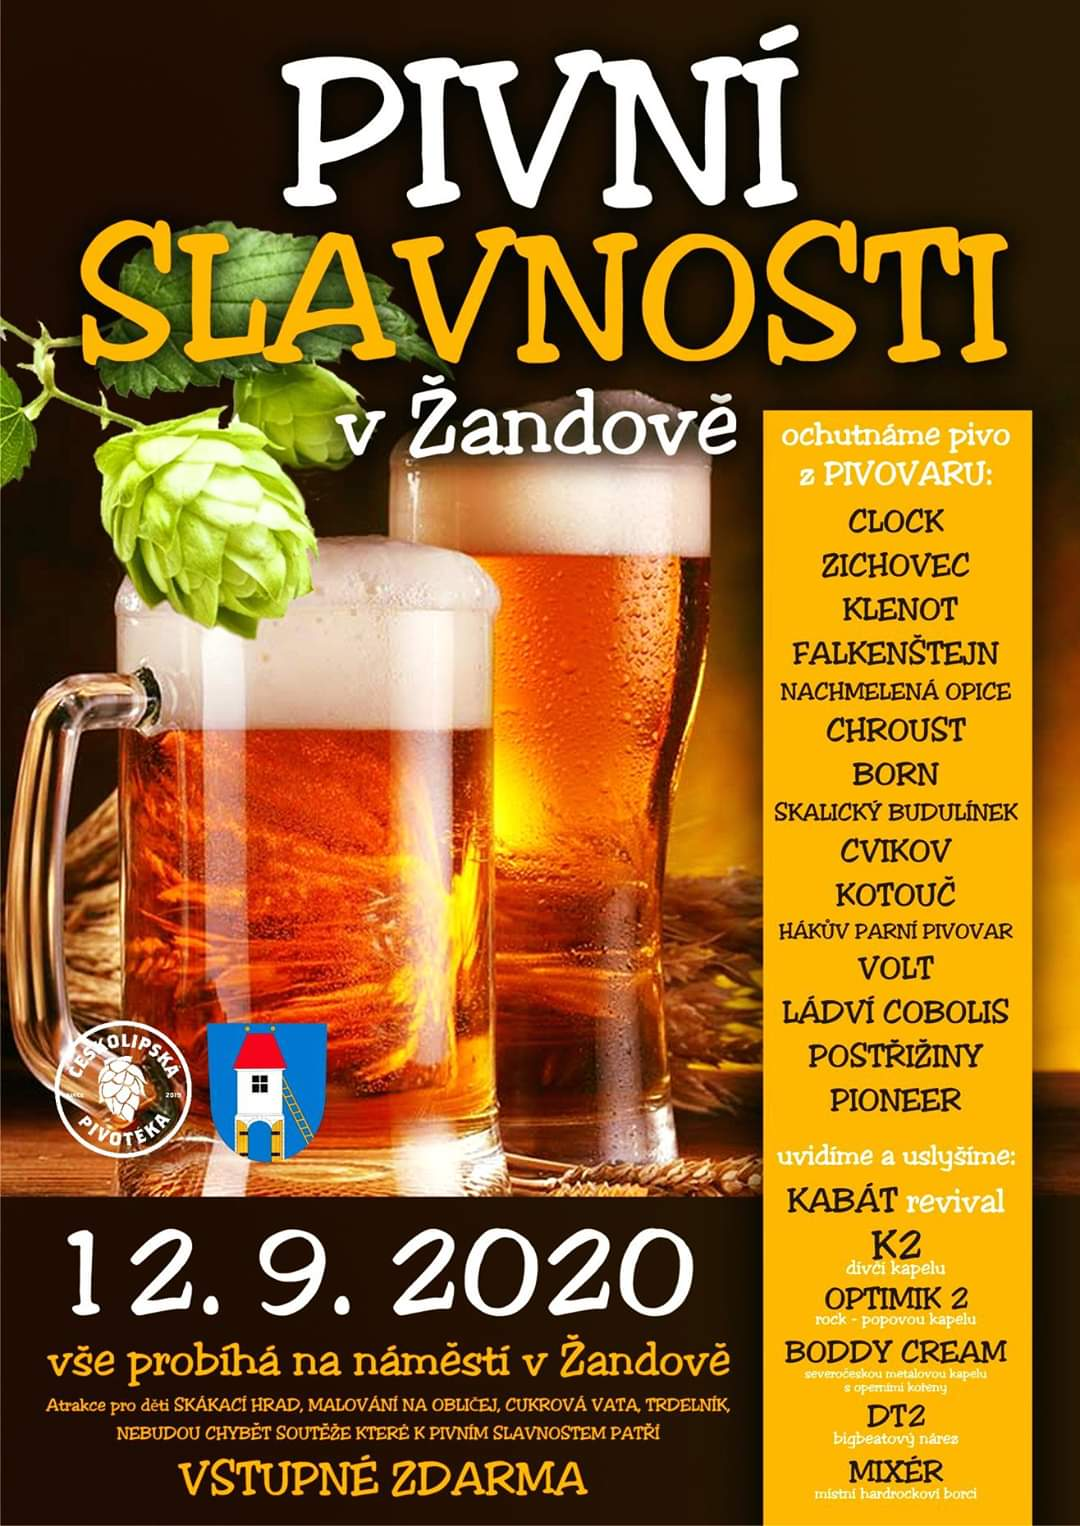 pivovari-pivovary-pivni-akce-pivni-slavnosti-zandov-2020